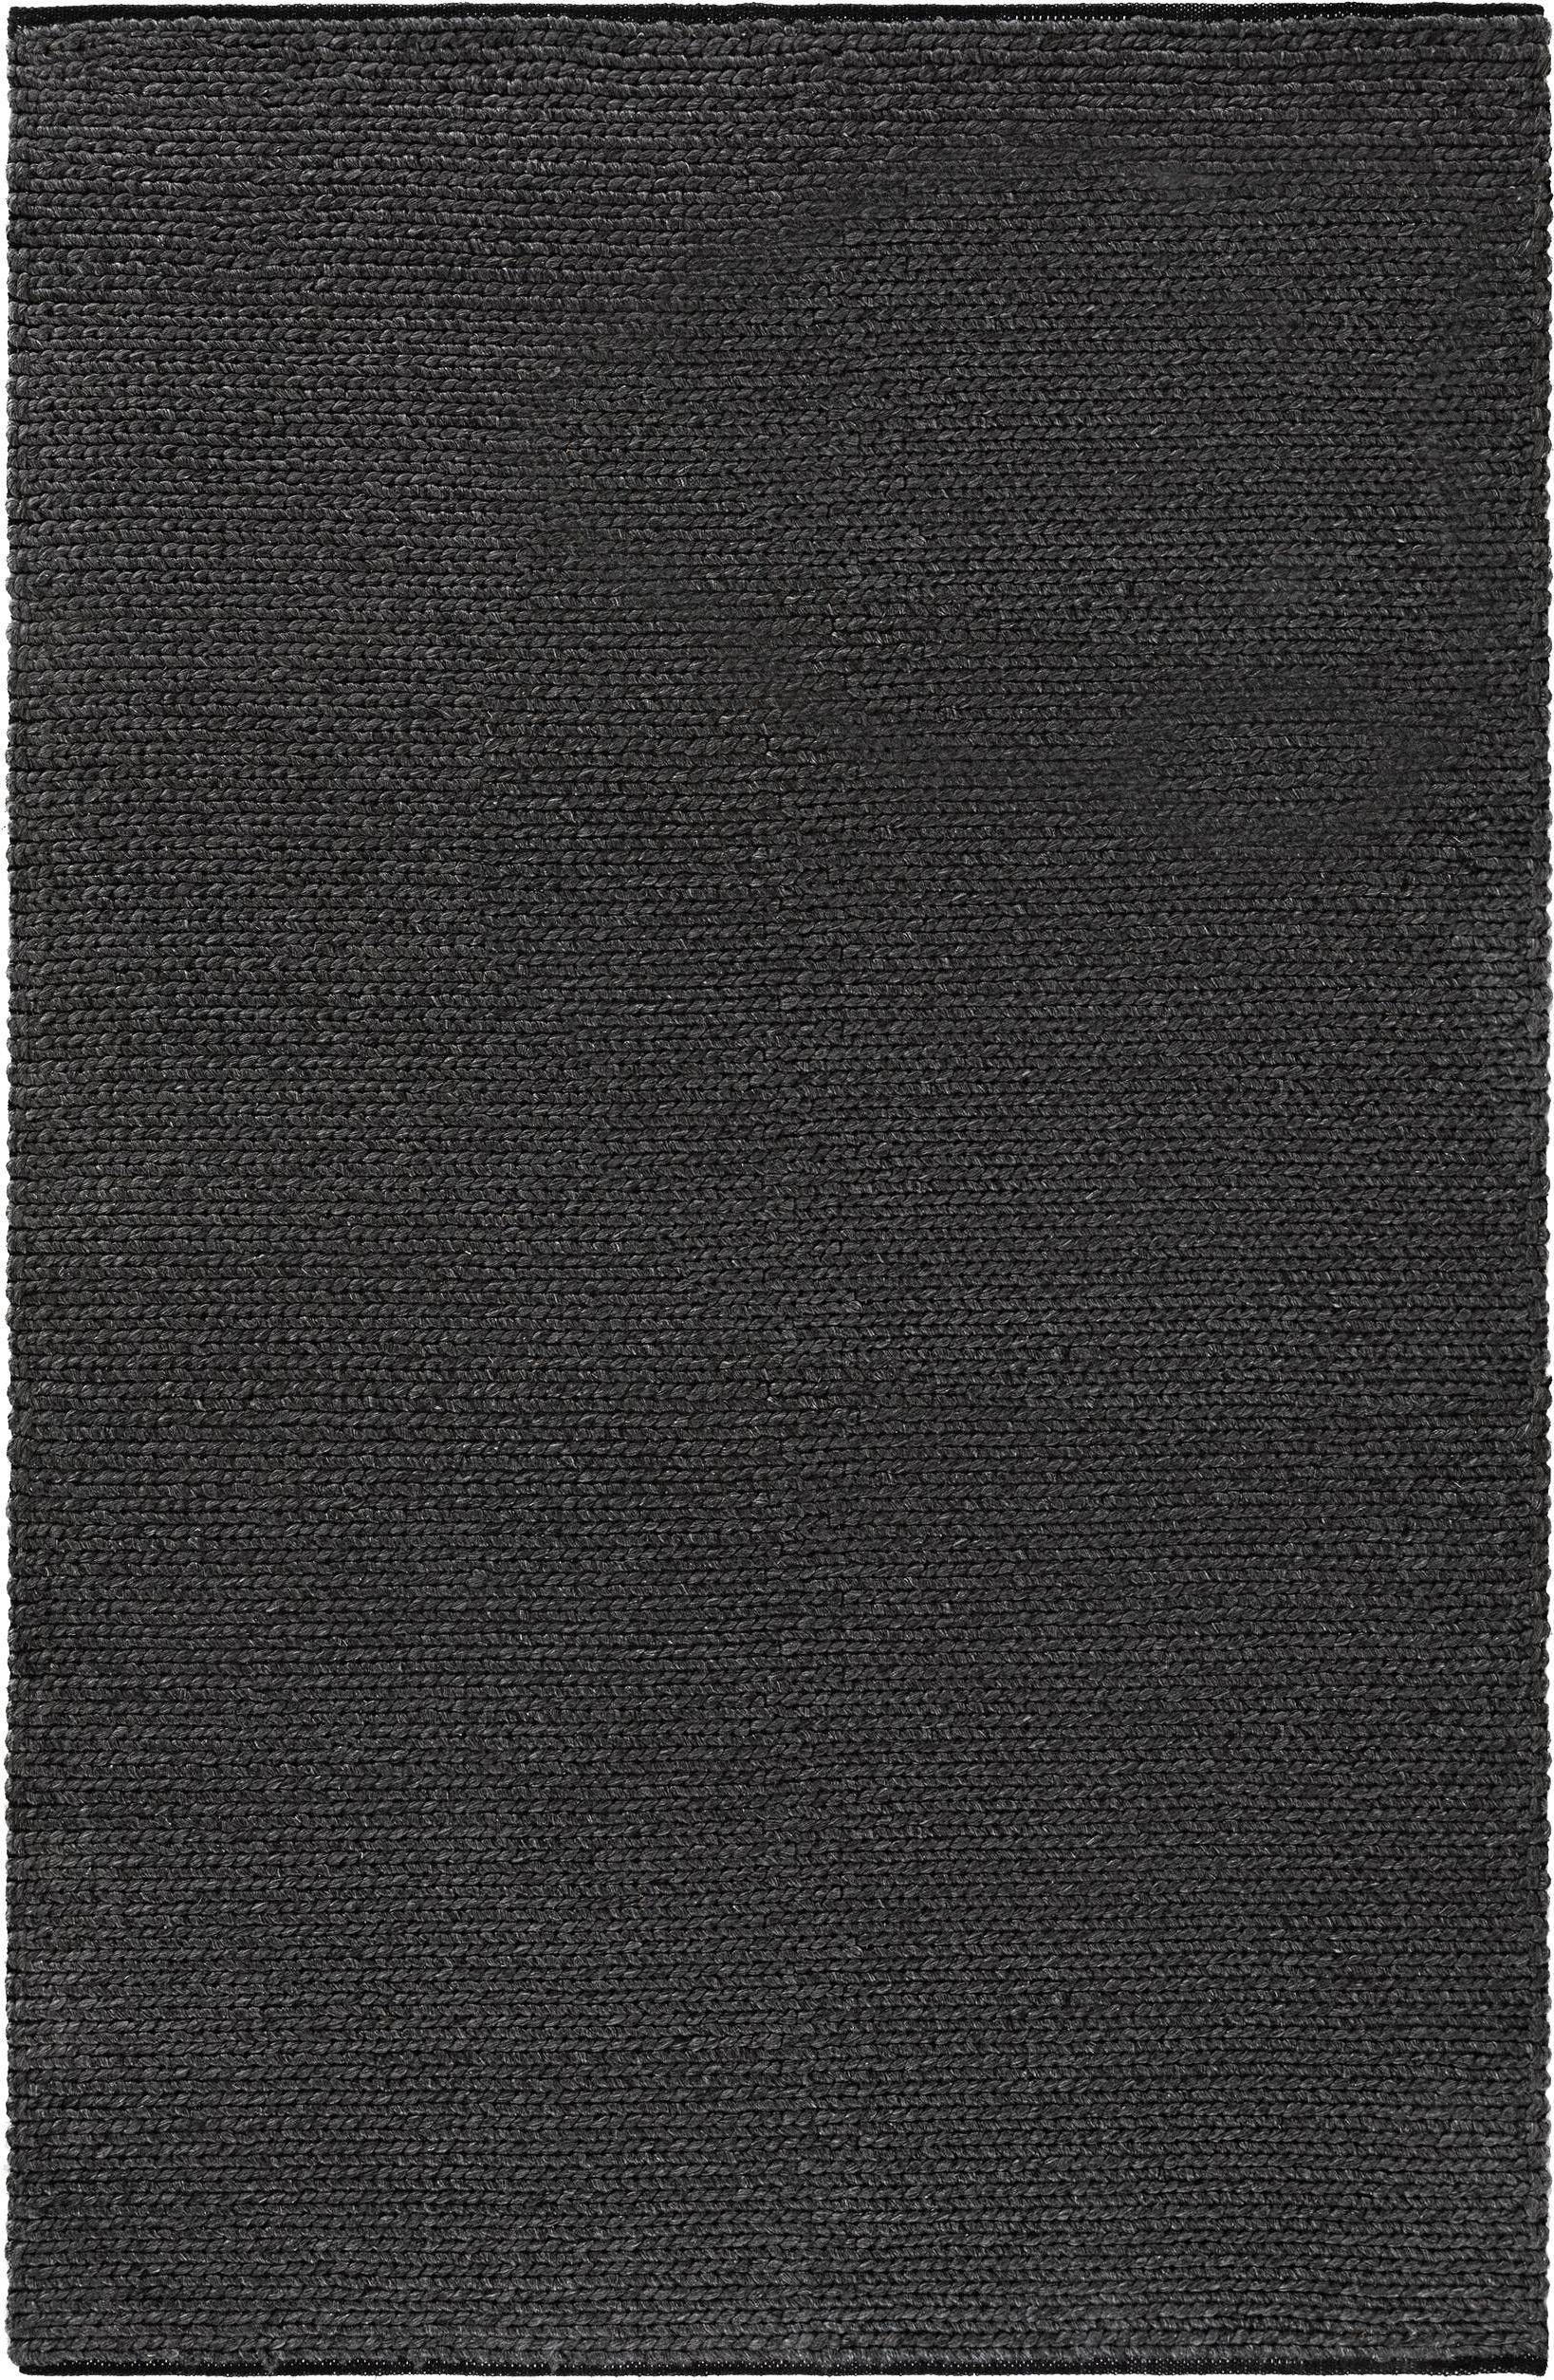 Handgeweven wollen vloerkleed Uno in donkergrijs gevlekt met gevlochten structuur, 60% wol, 40% polyester., Donkergrijs, gevlekt, B 120 x L 170 cm (maat S)